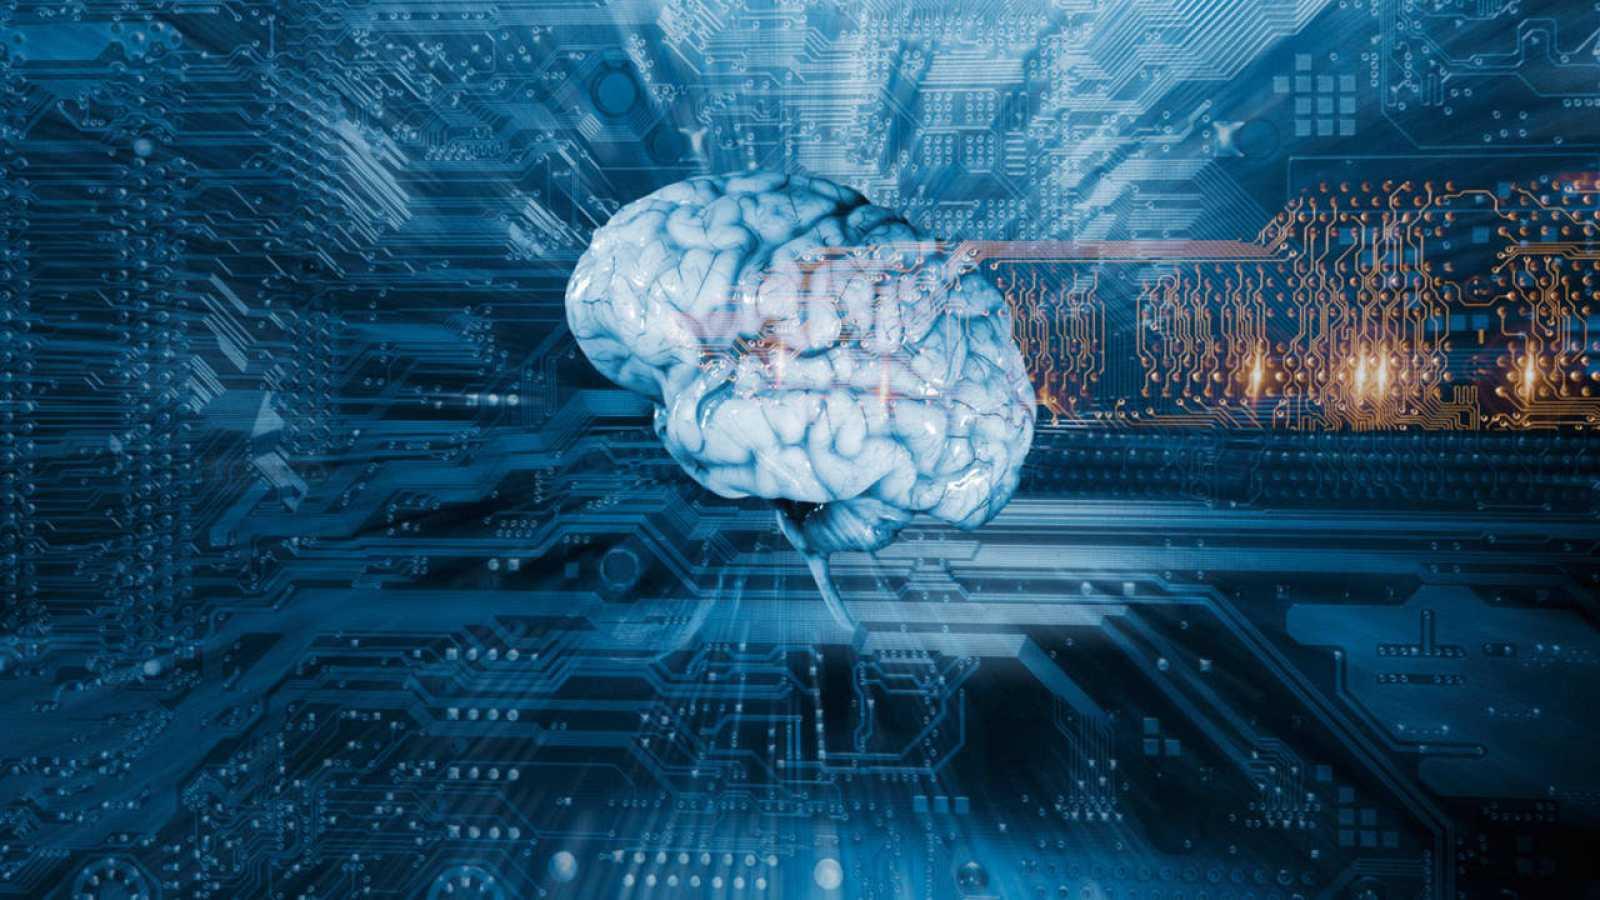 El ordenador se basa en un algoritmo que intenta emular la capacidad humana a la hora de generalizar conceptos.